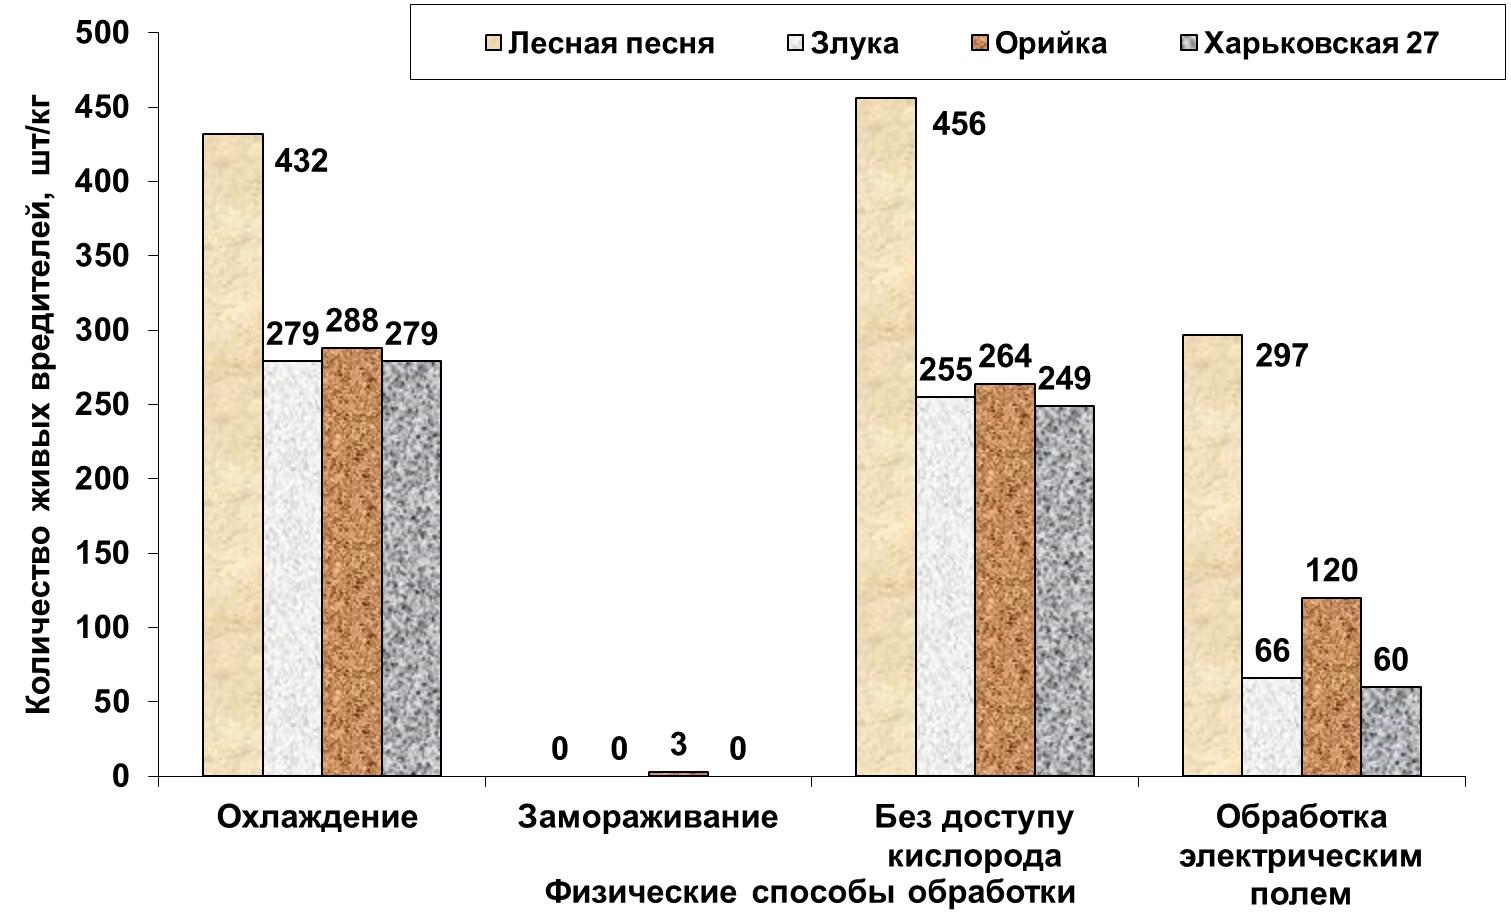 Влияние физических способов обработки зерна пшеницы на количество живых амбарных долгоносиков после 7 дней